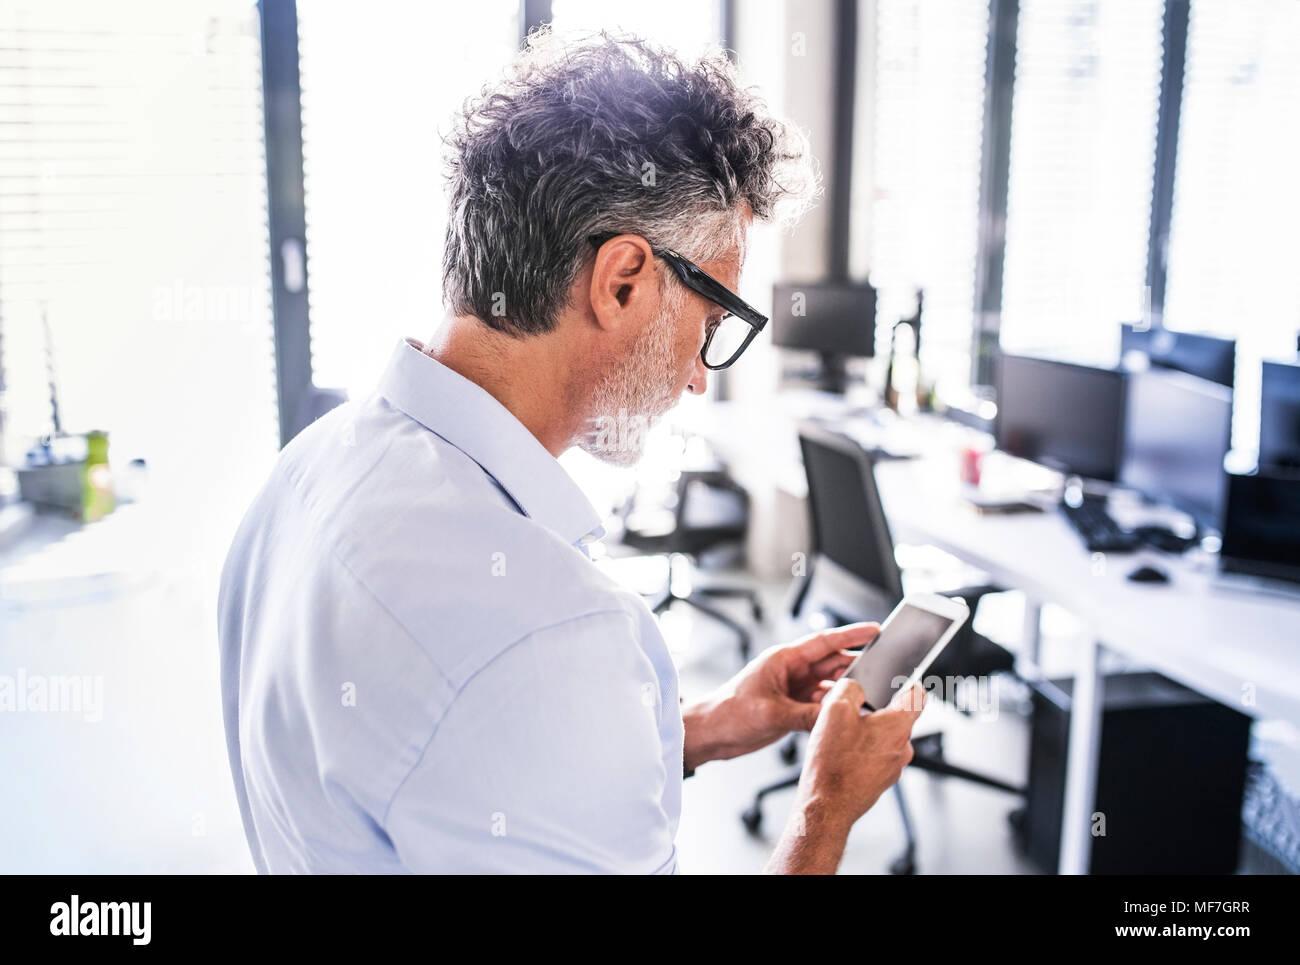 Empresario maduro en la oficina utilizando el smartphone Imagen De Stock